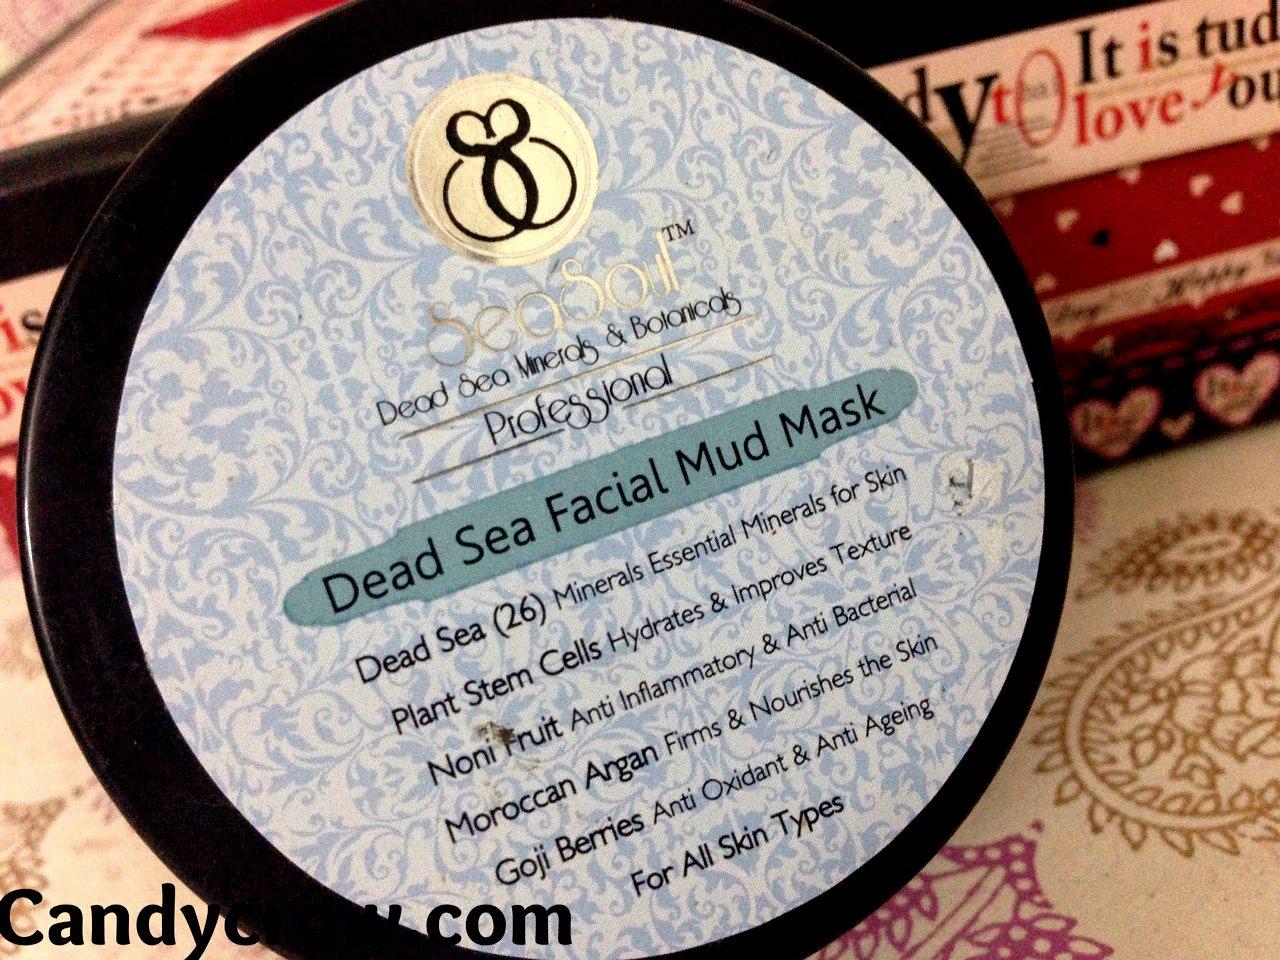 SeaSoul Dead Sea Facial Mud Mask Review